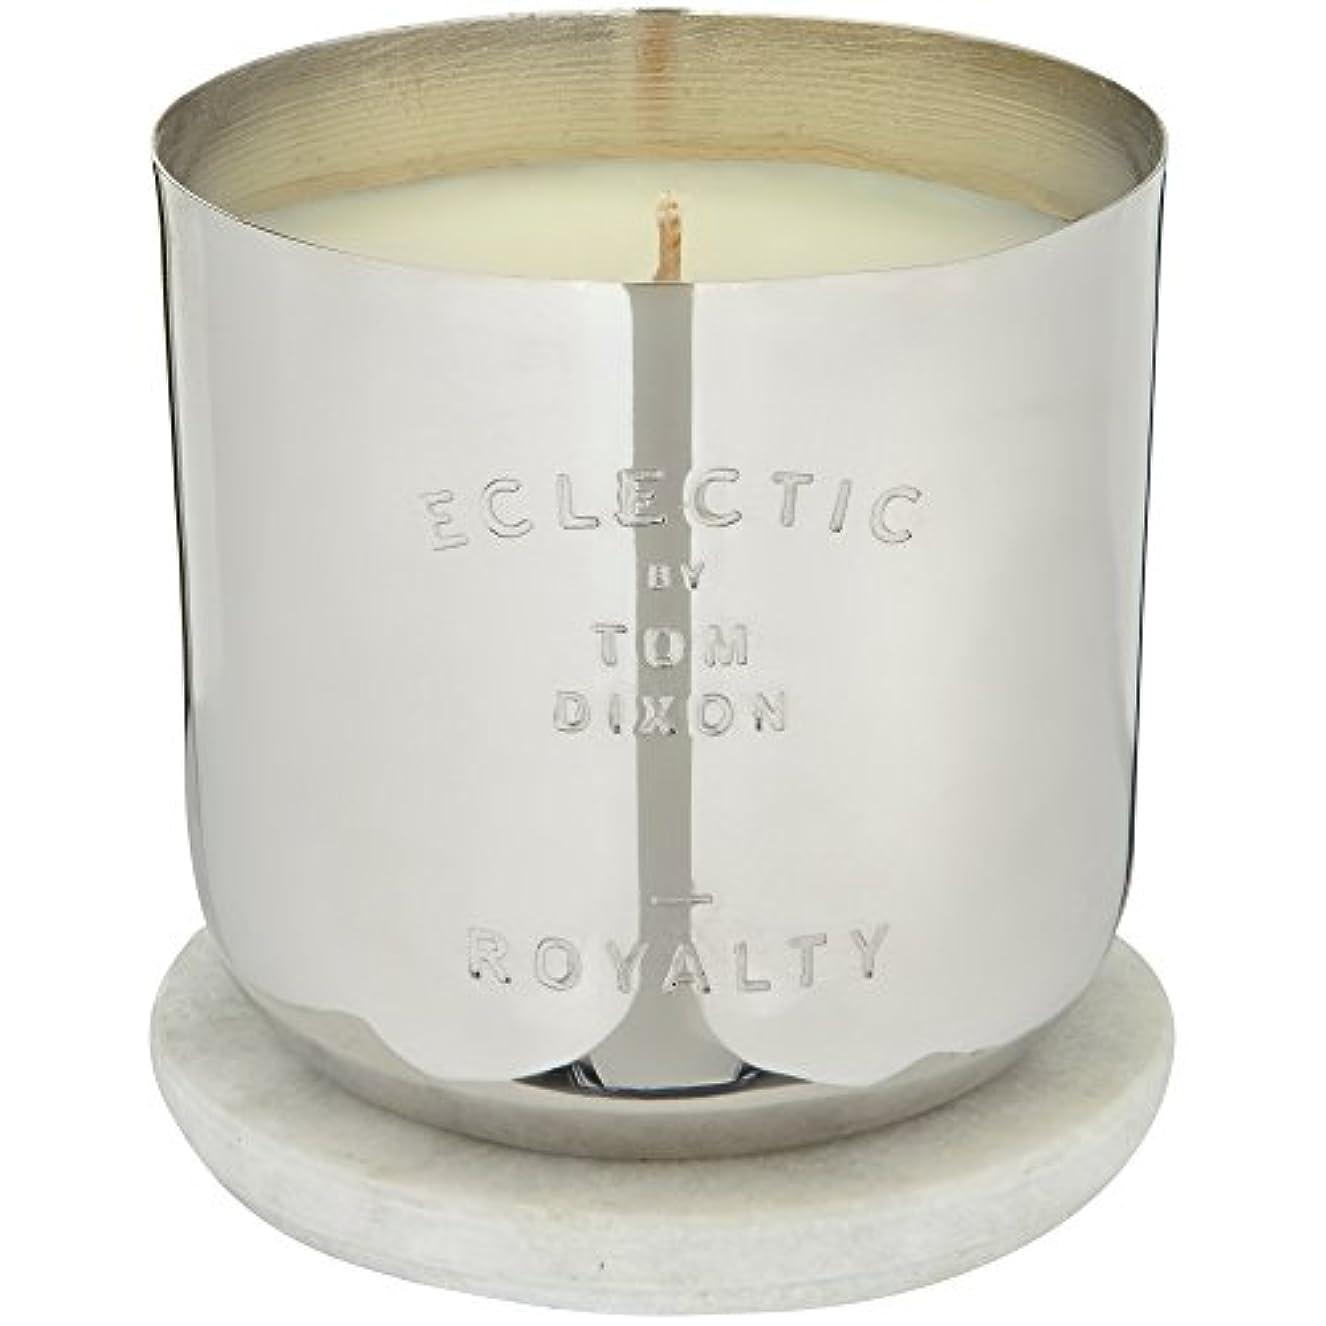 距離分析おもちゃトム?ディクソンロイヤリティ香りのキャンドル x6 - Tom Dixon Royalty Scented Candle (Pack of 6) [並行輸入品]